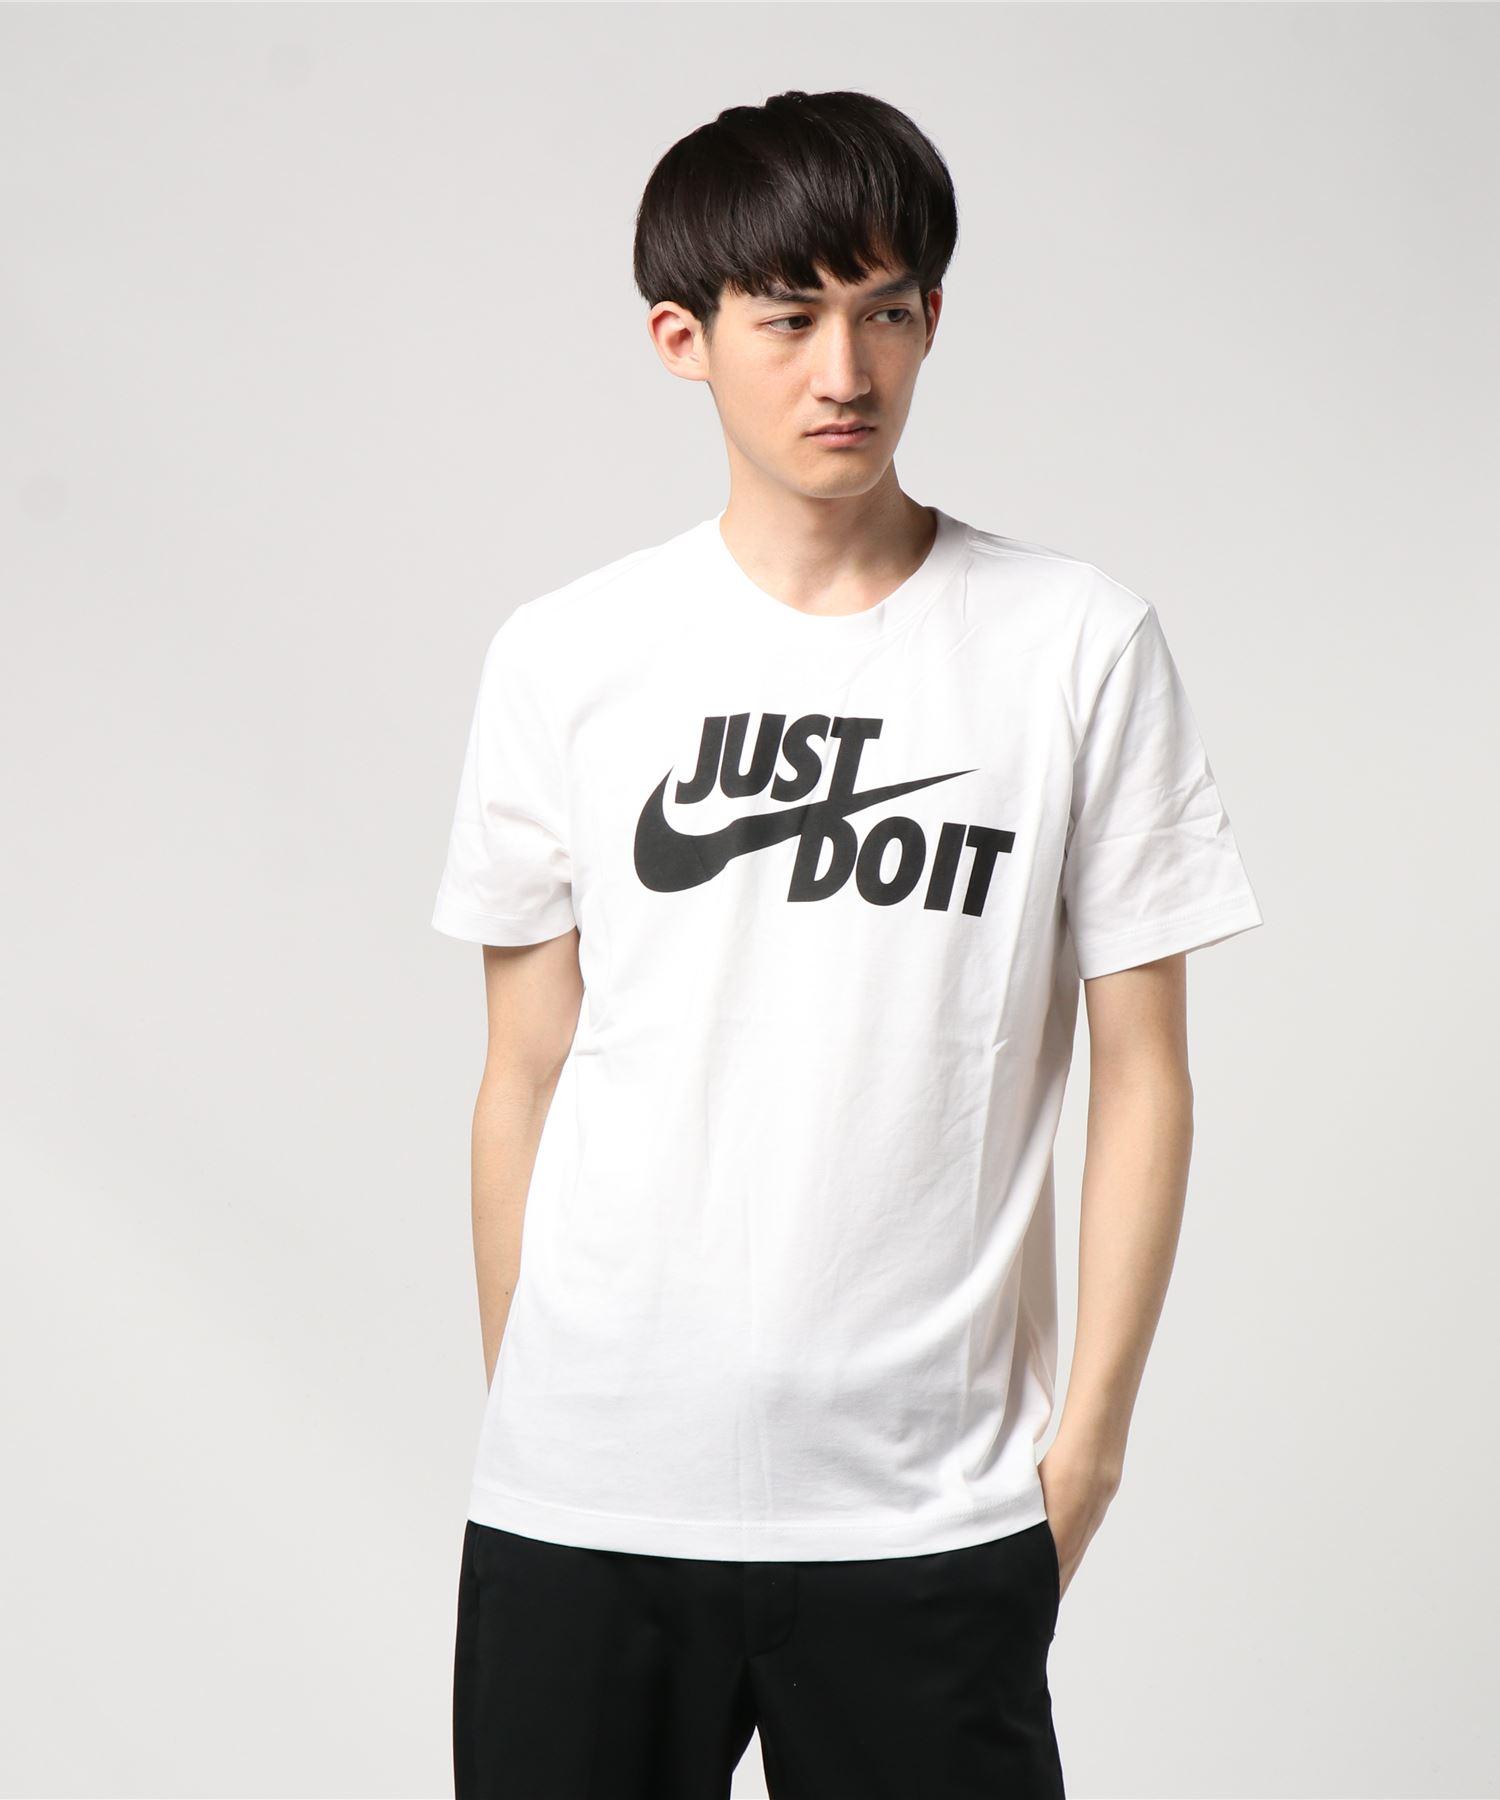 ナイキ NIKE / JUST DO IT スウォッシュS/S Tシャツ